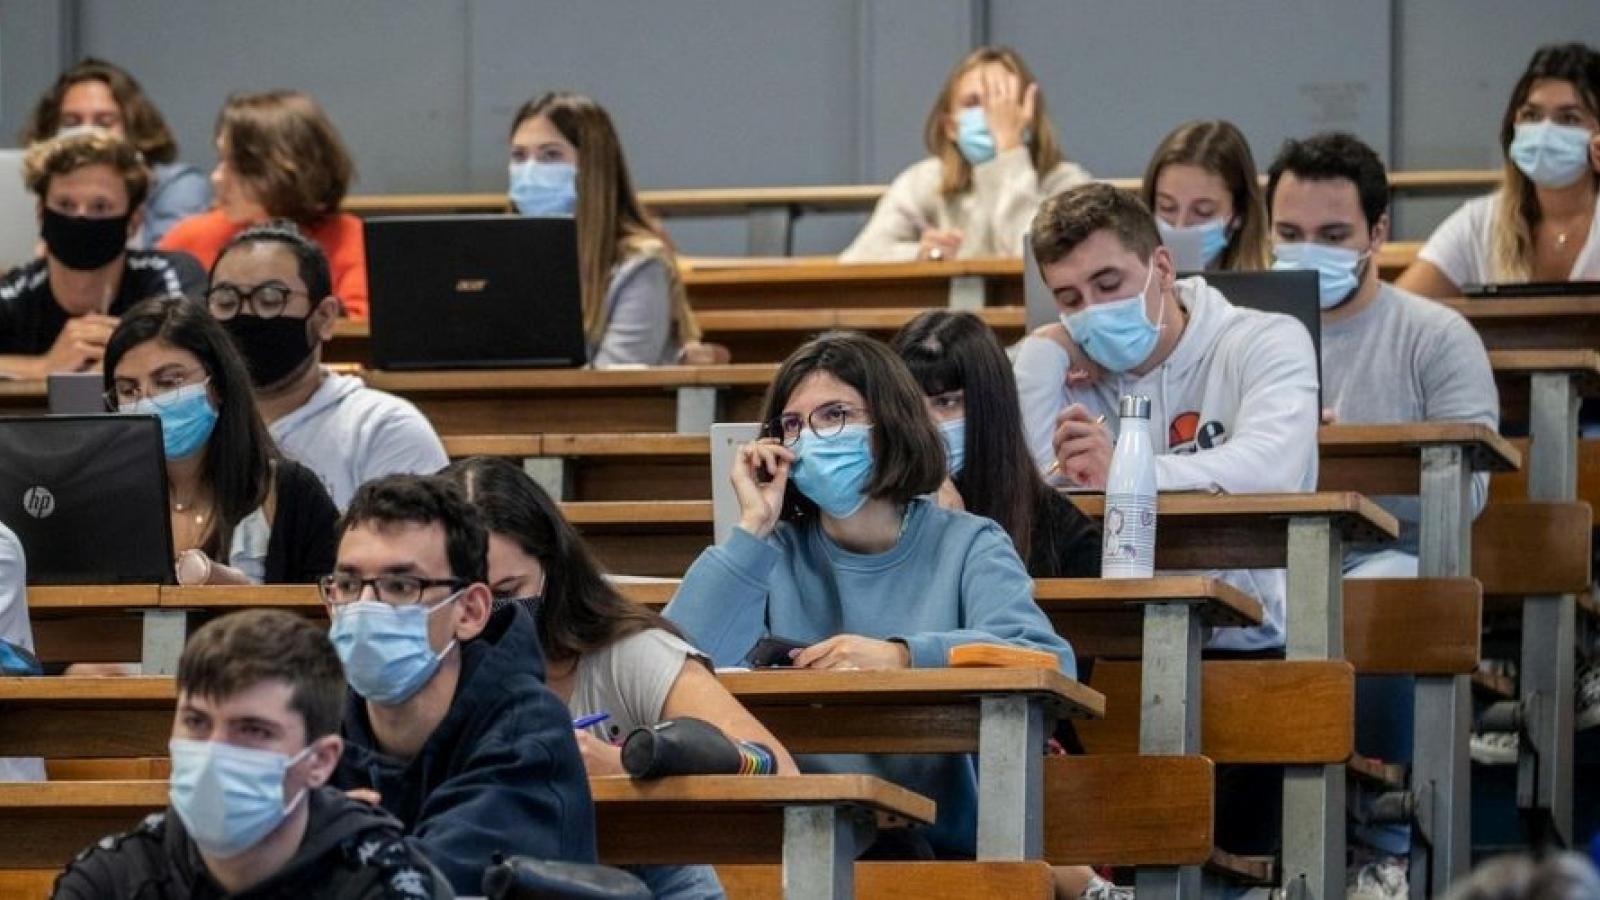 Dịch Covid-19 bùng phát mạnh trong các trường đại học tại Pháp